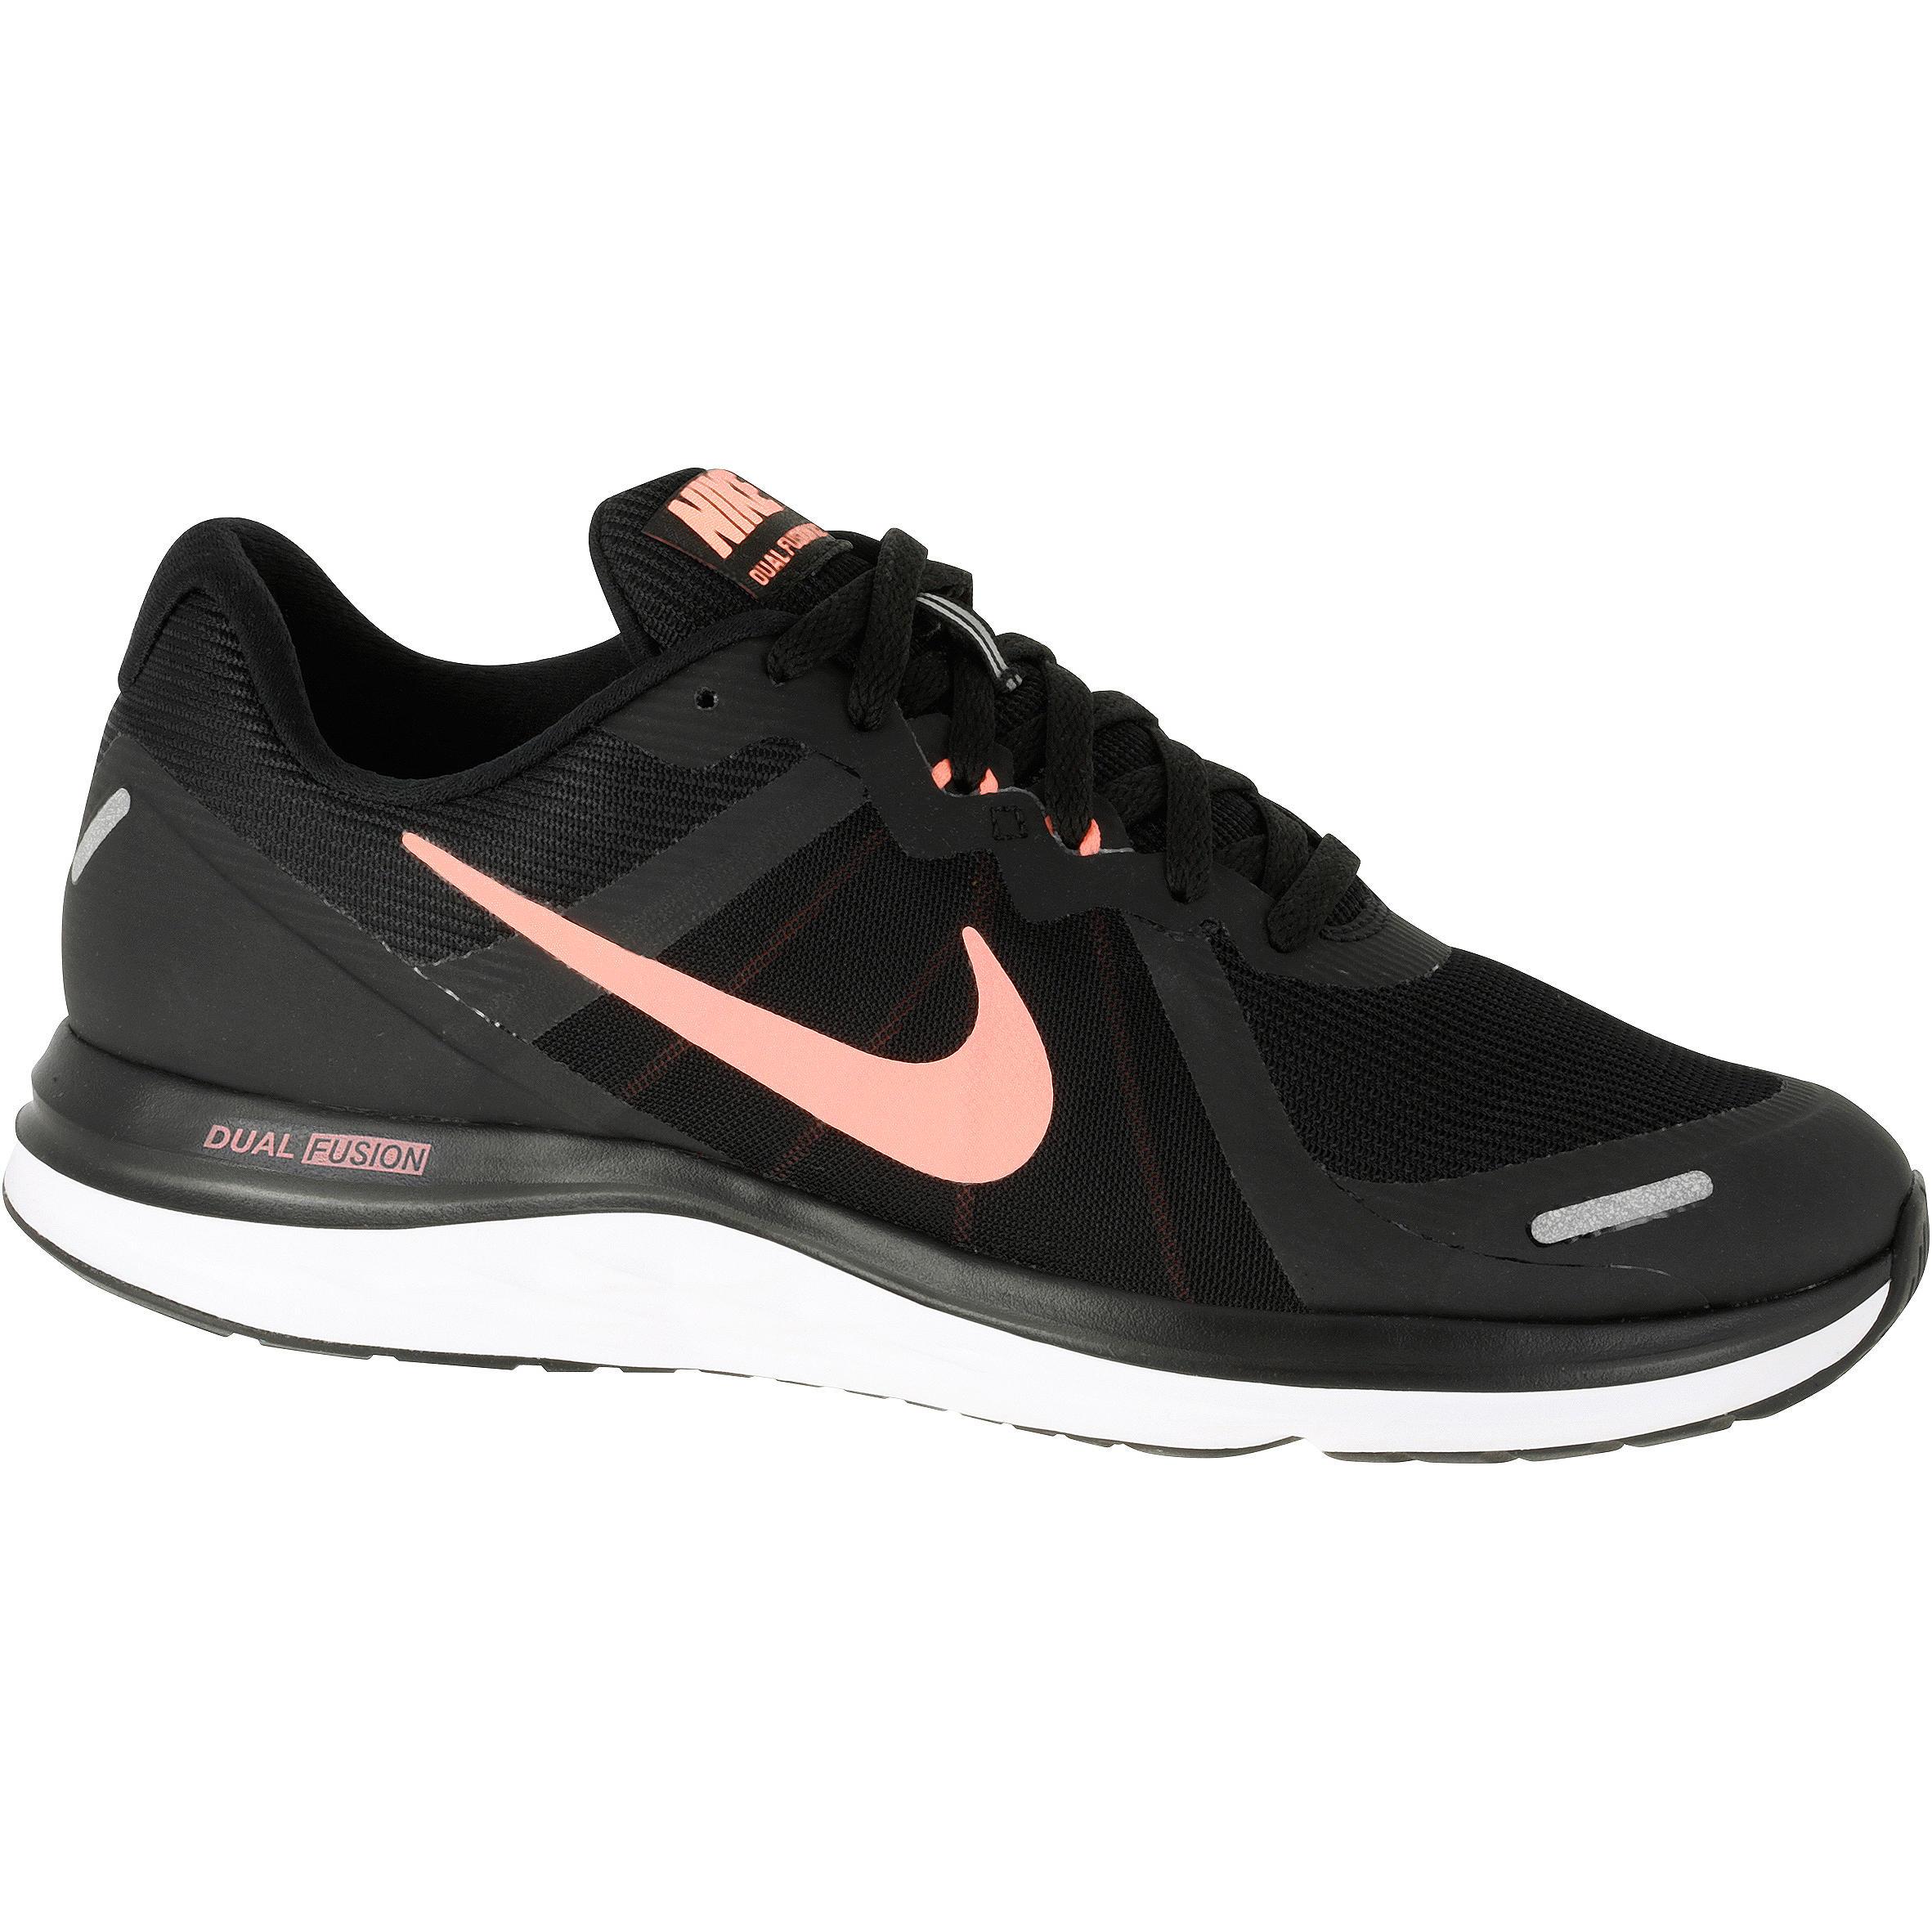 20945adb1 Zapatillas Running Nike Dual Fusión X2 Mujer Negro Rosa Nike